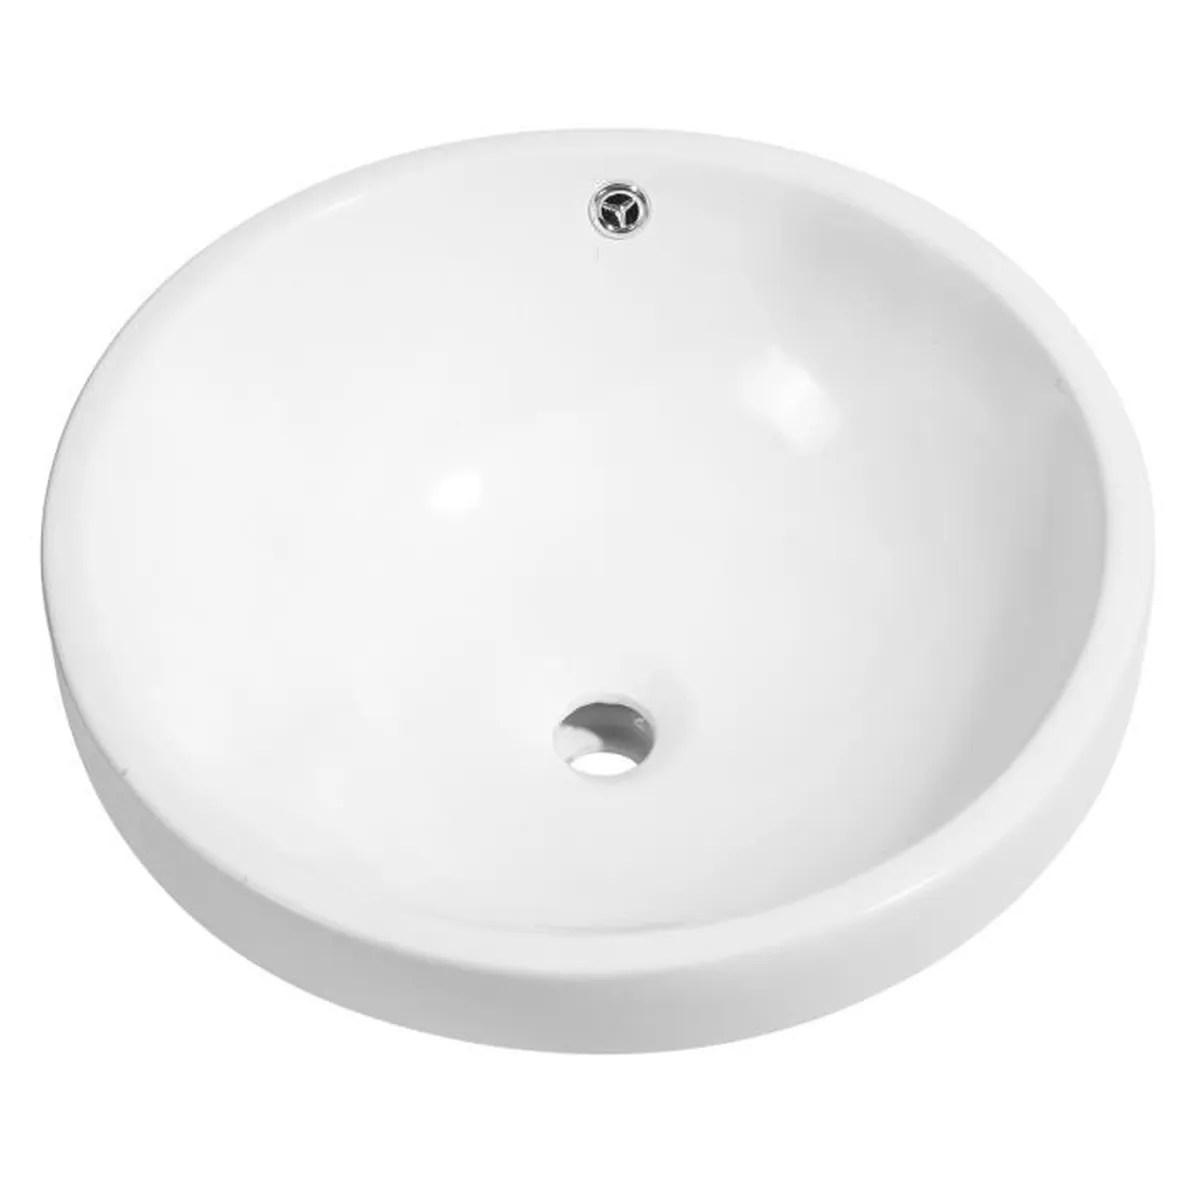 Mecor Vasque A Poser Salle De Bain Ronde En Ceramique Moderne Meuble De Salle De Bain Blanche Achat Vente Meuble Vasque Plan Mecor Vasque A Poser Salle Cdiscount